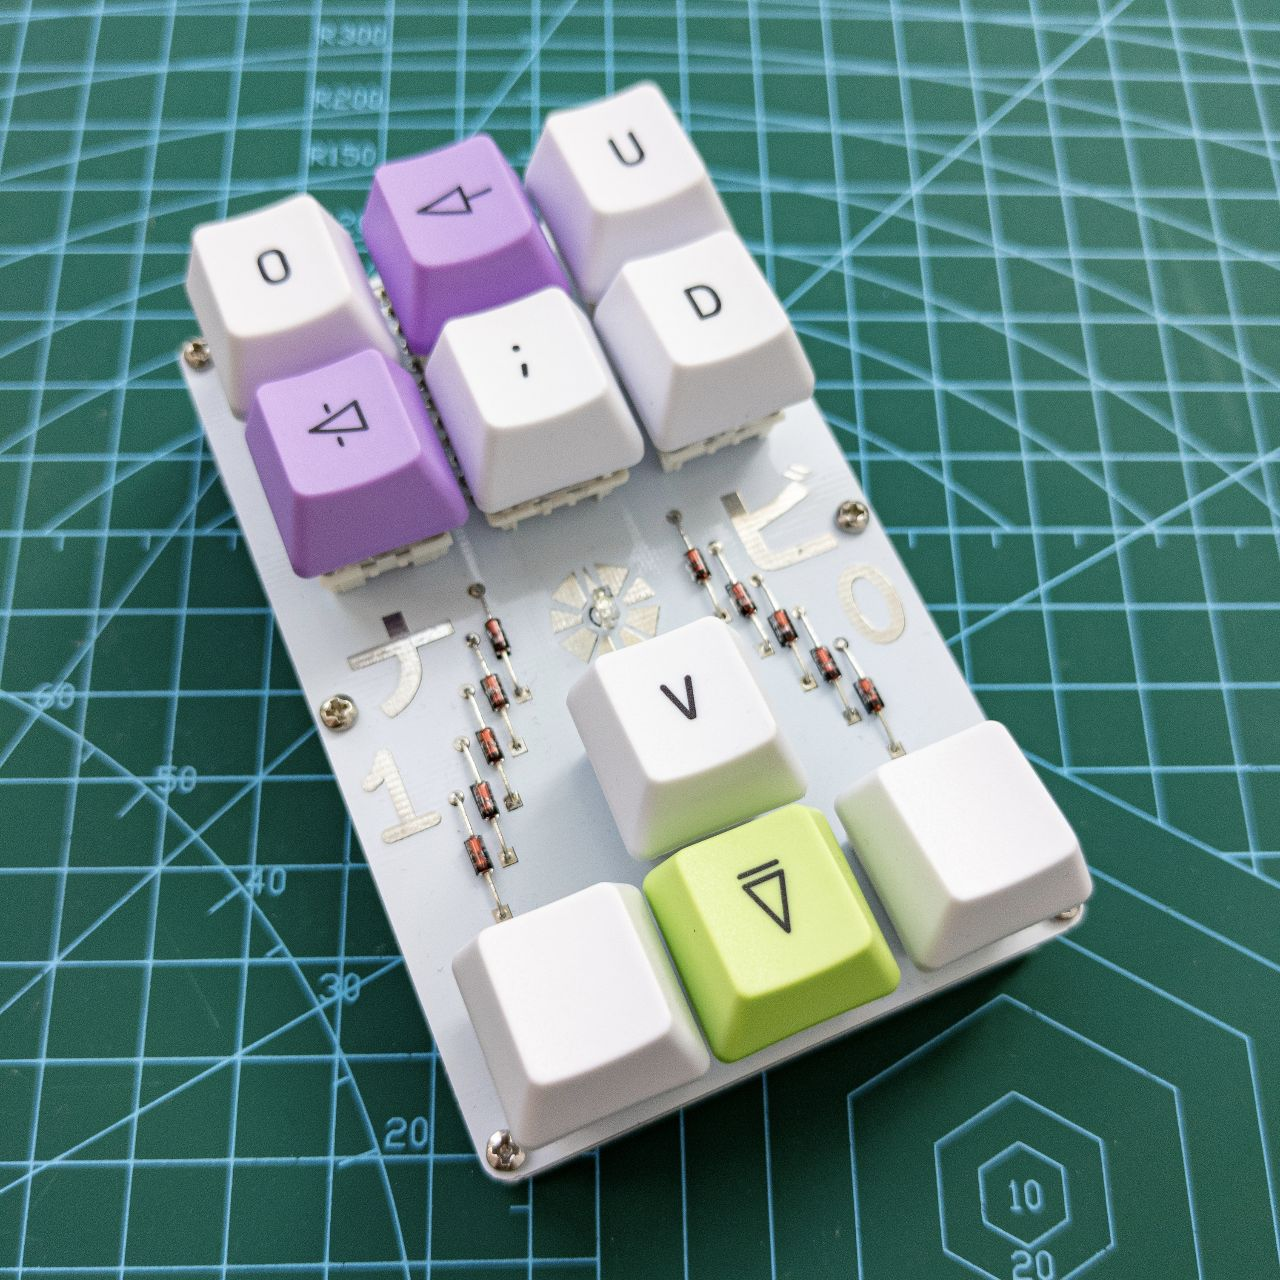 Navi10 keyboard photo